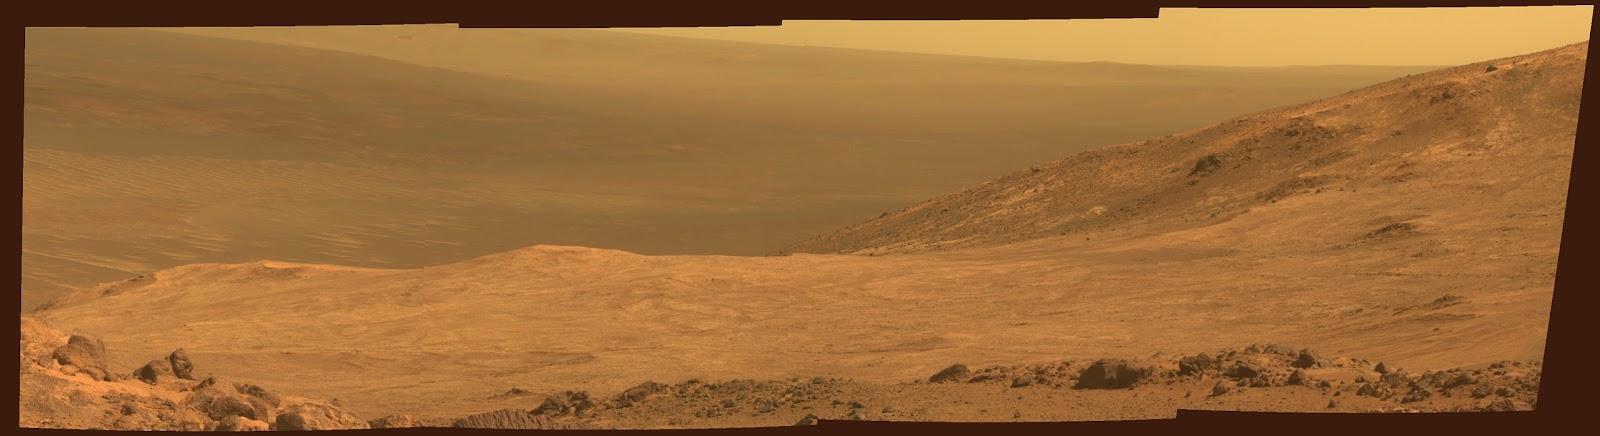 Вид на Долину Марафона на Марсе